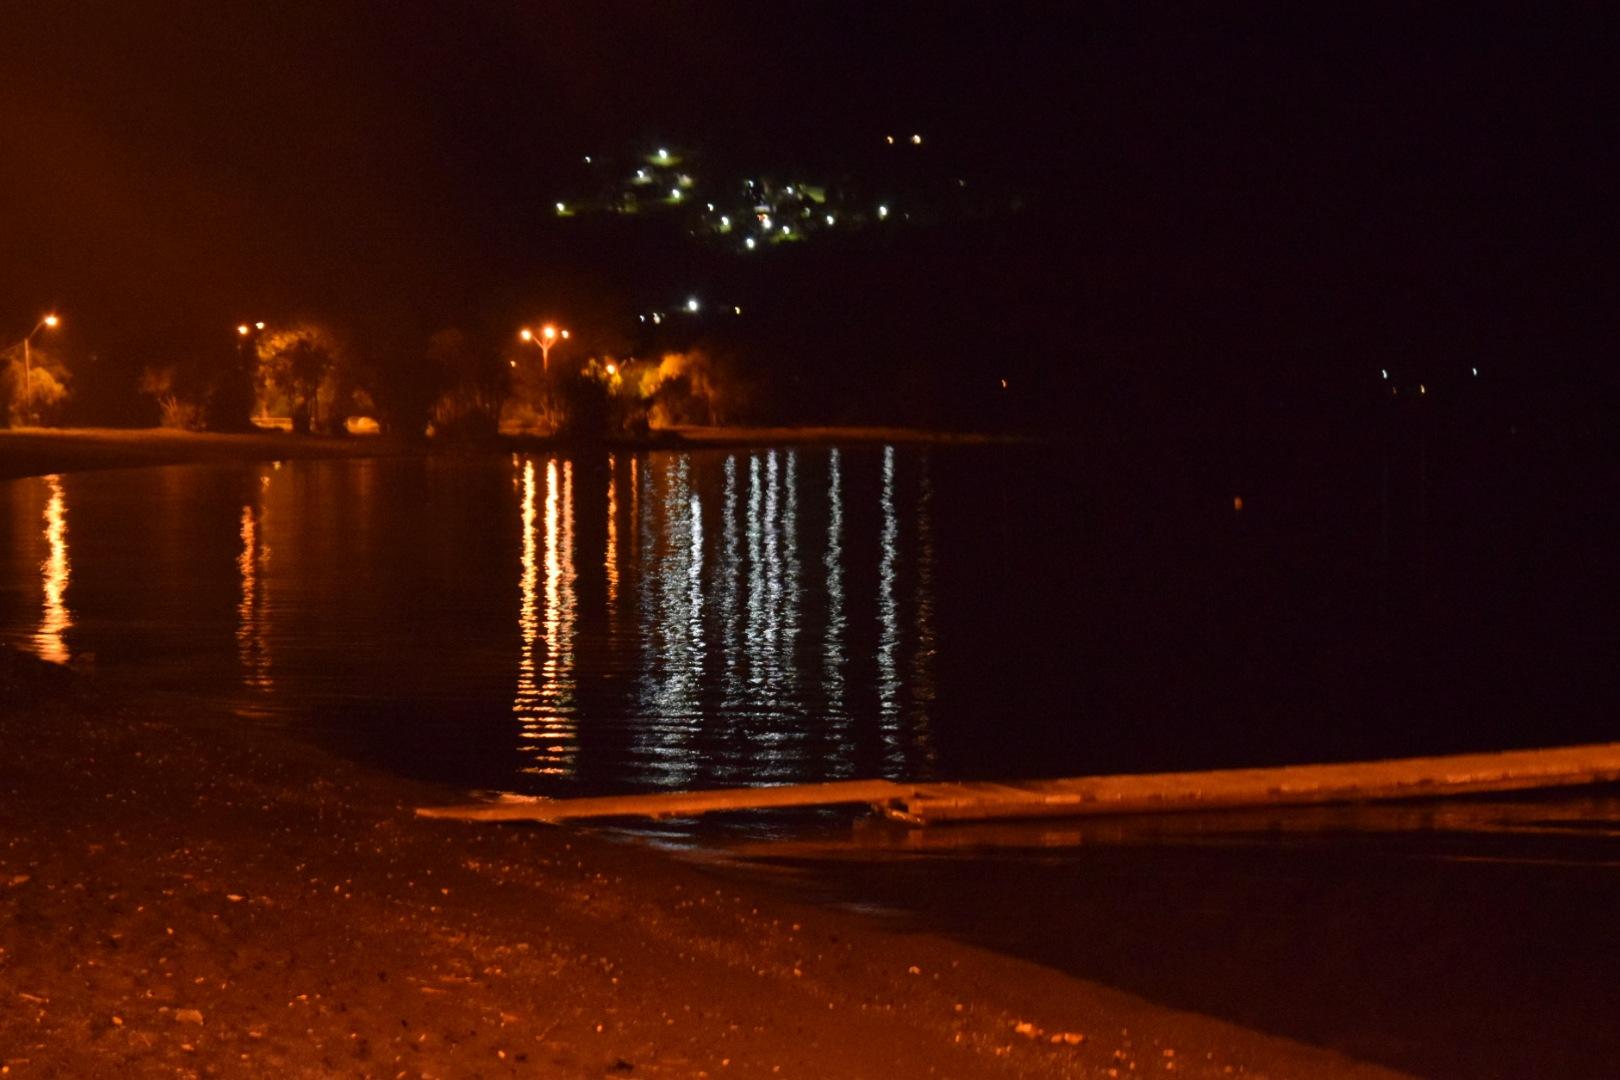 (0796) Lago Calafquén, Lican Ray, IX Región de La Araucanía, Chile  by Patricio Cabezas